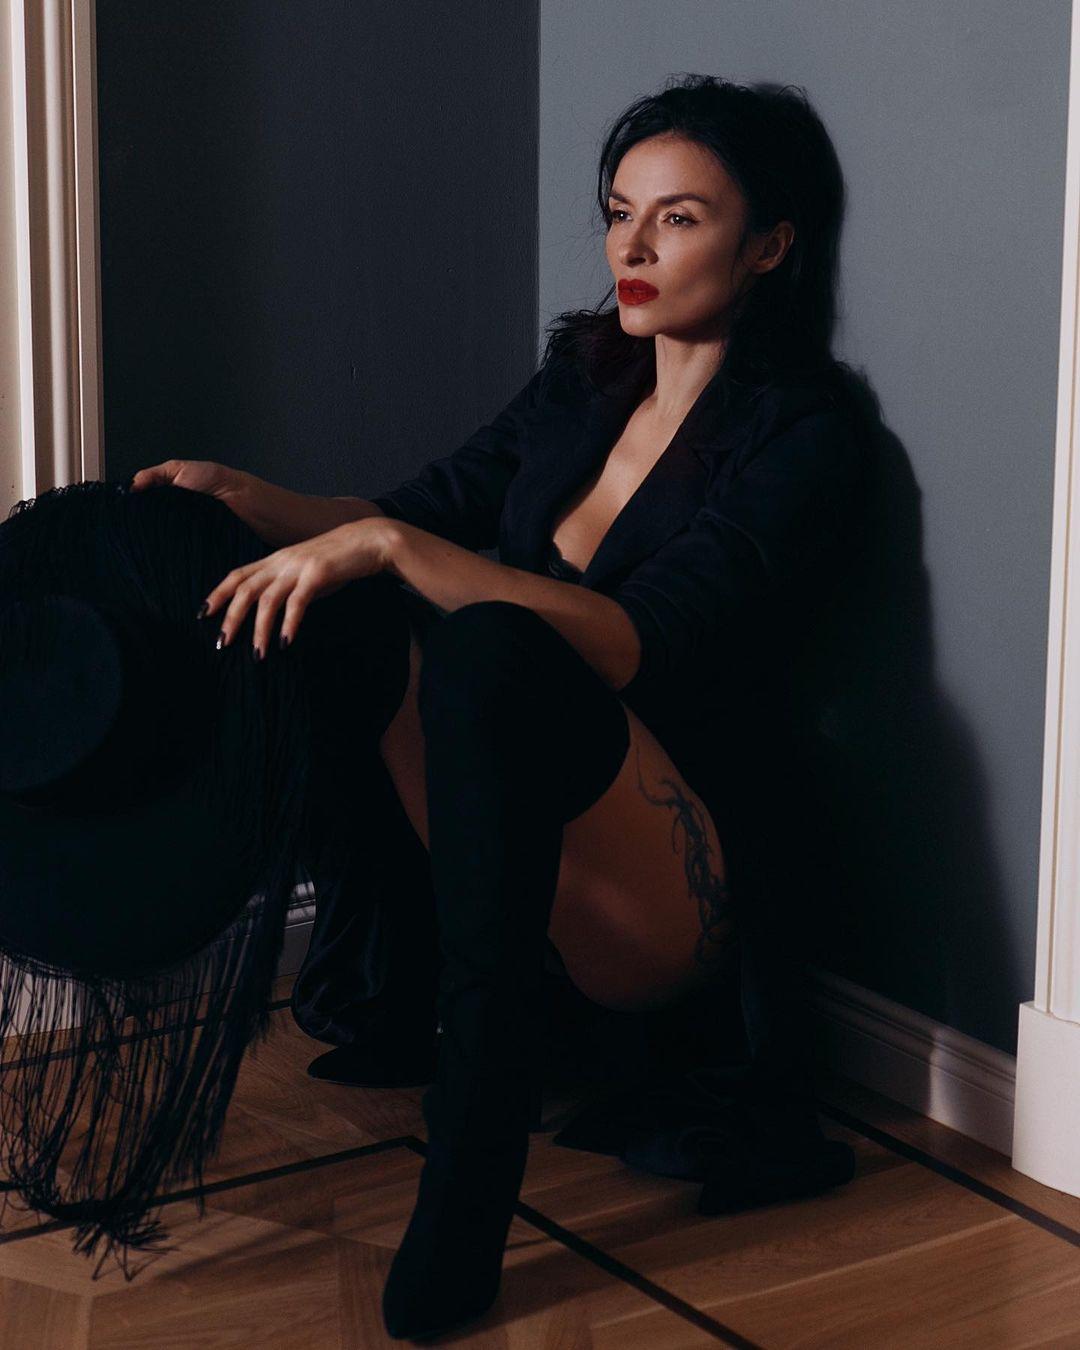 Надя Мейхер показала свои самые соблазнительные образы на фото